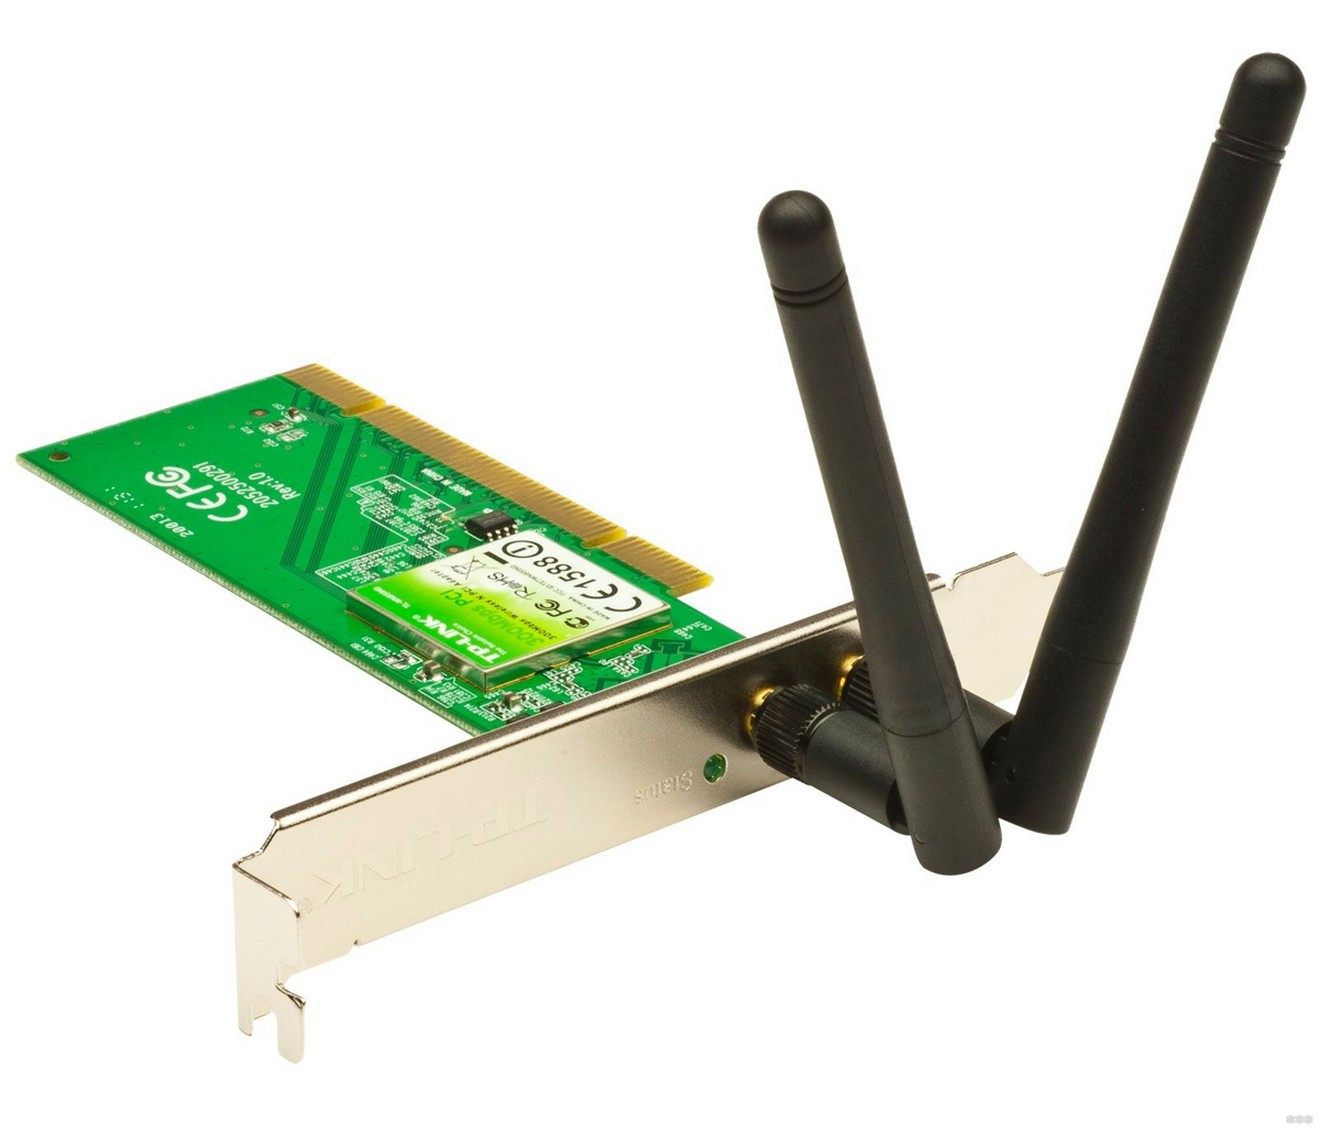 TP-Link TL-WN851 ND: характеристики, драйверы, подключение и настройка